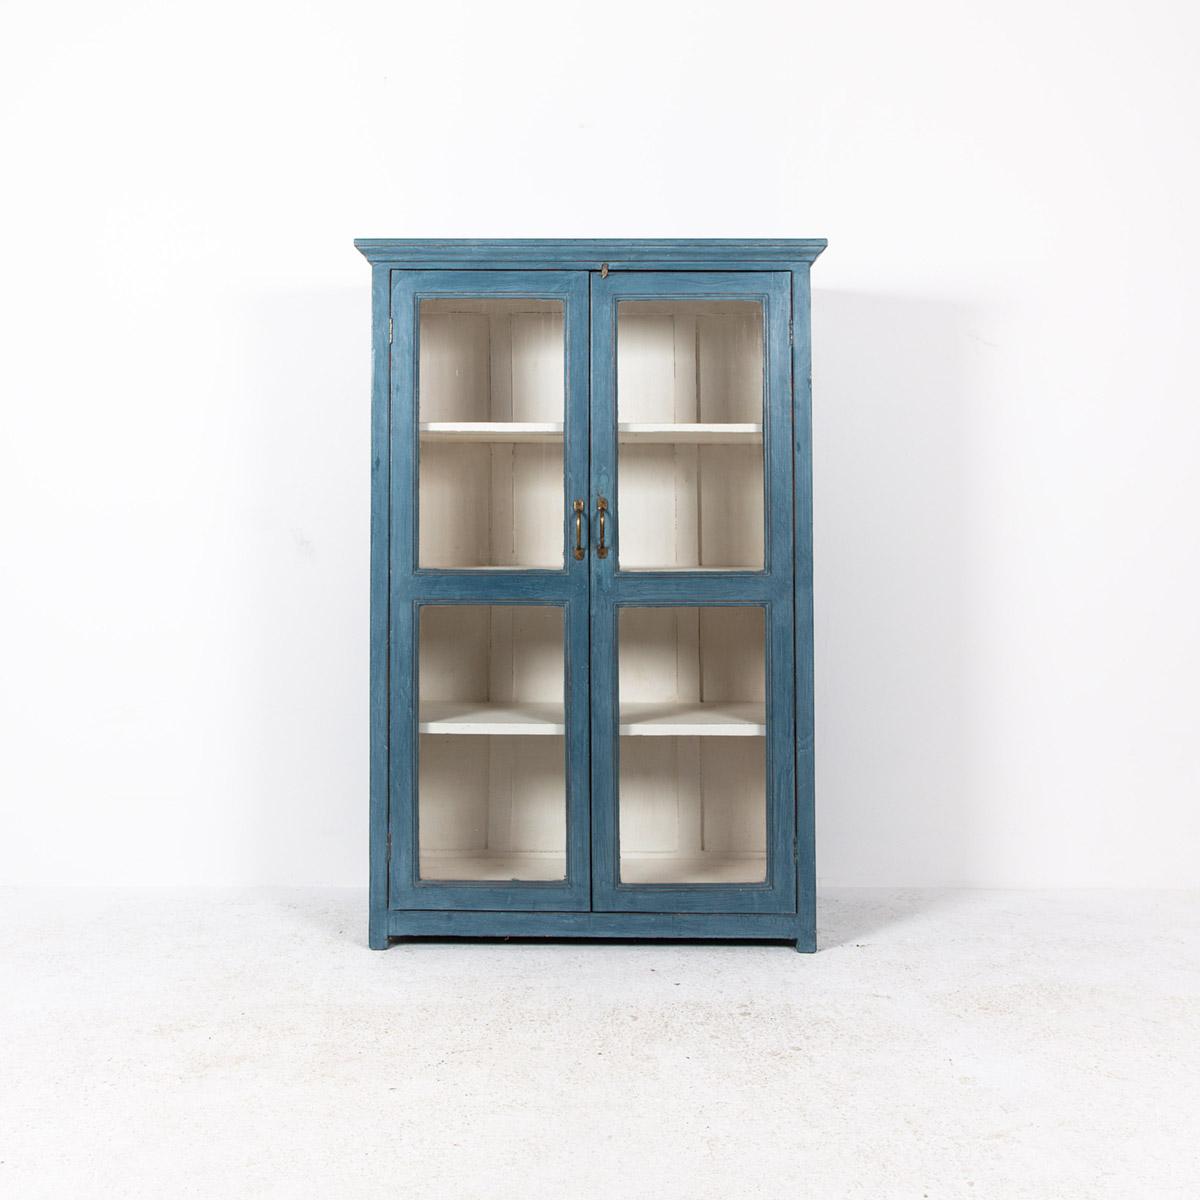 Vitrinekast-2-deuren-blauw-4